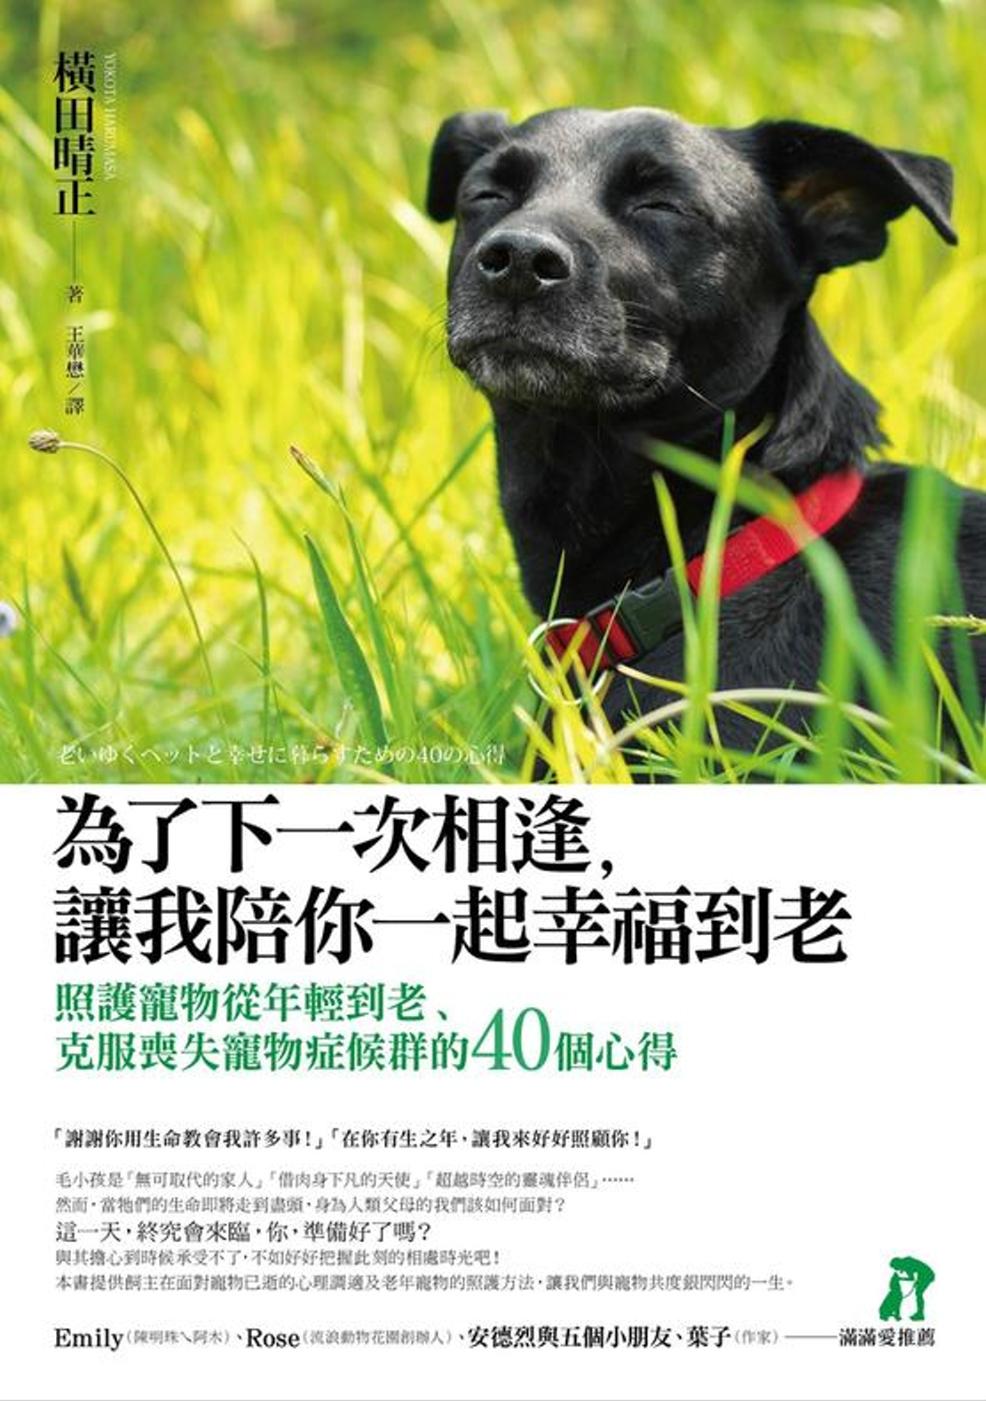 為了下一次相逢,讓我陪你一起幸福到老:照護寵物從年輕到老、克服喪失寵物症候群的40個心得